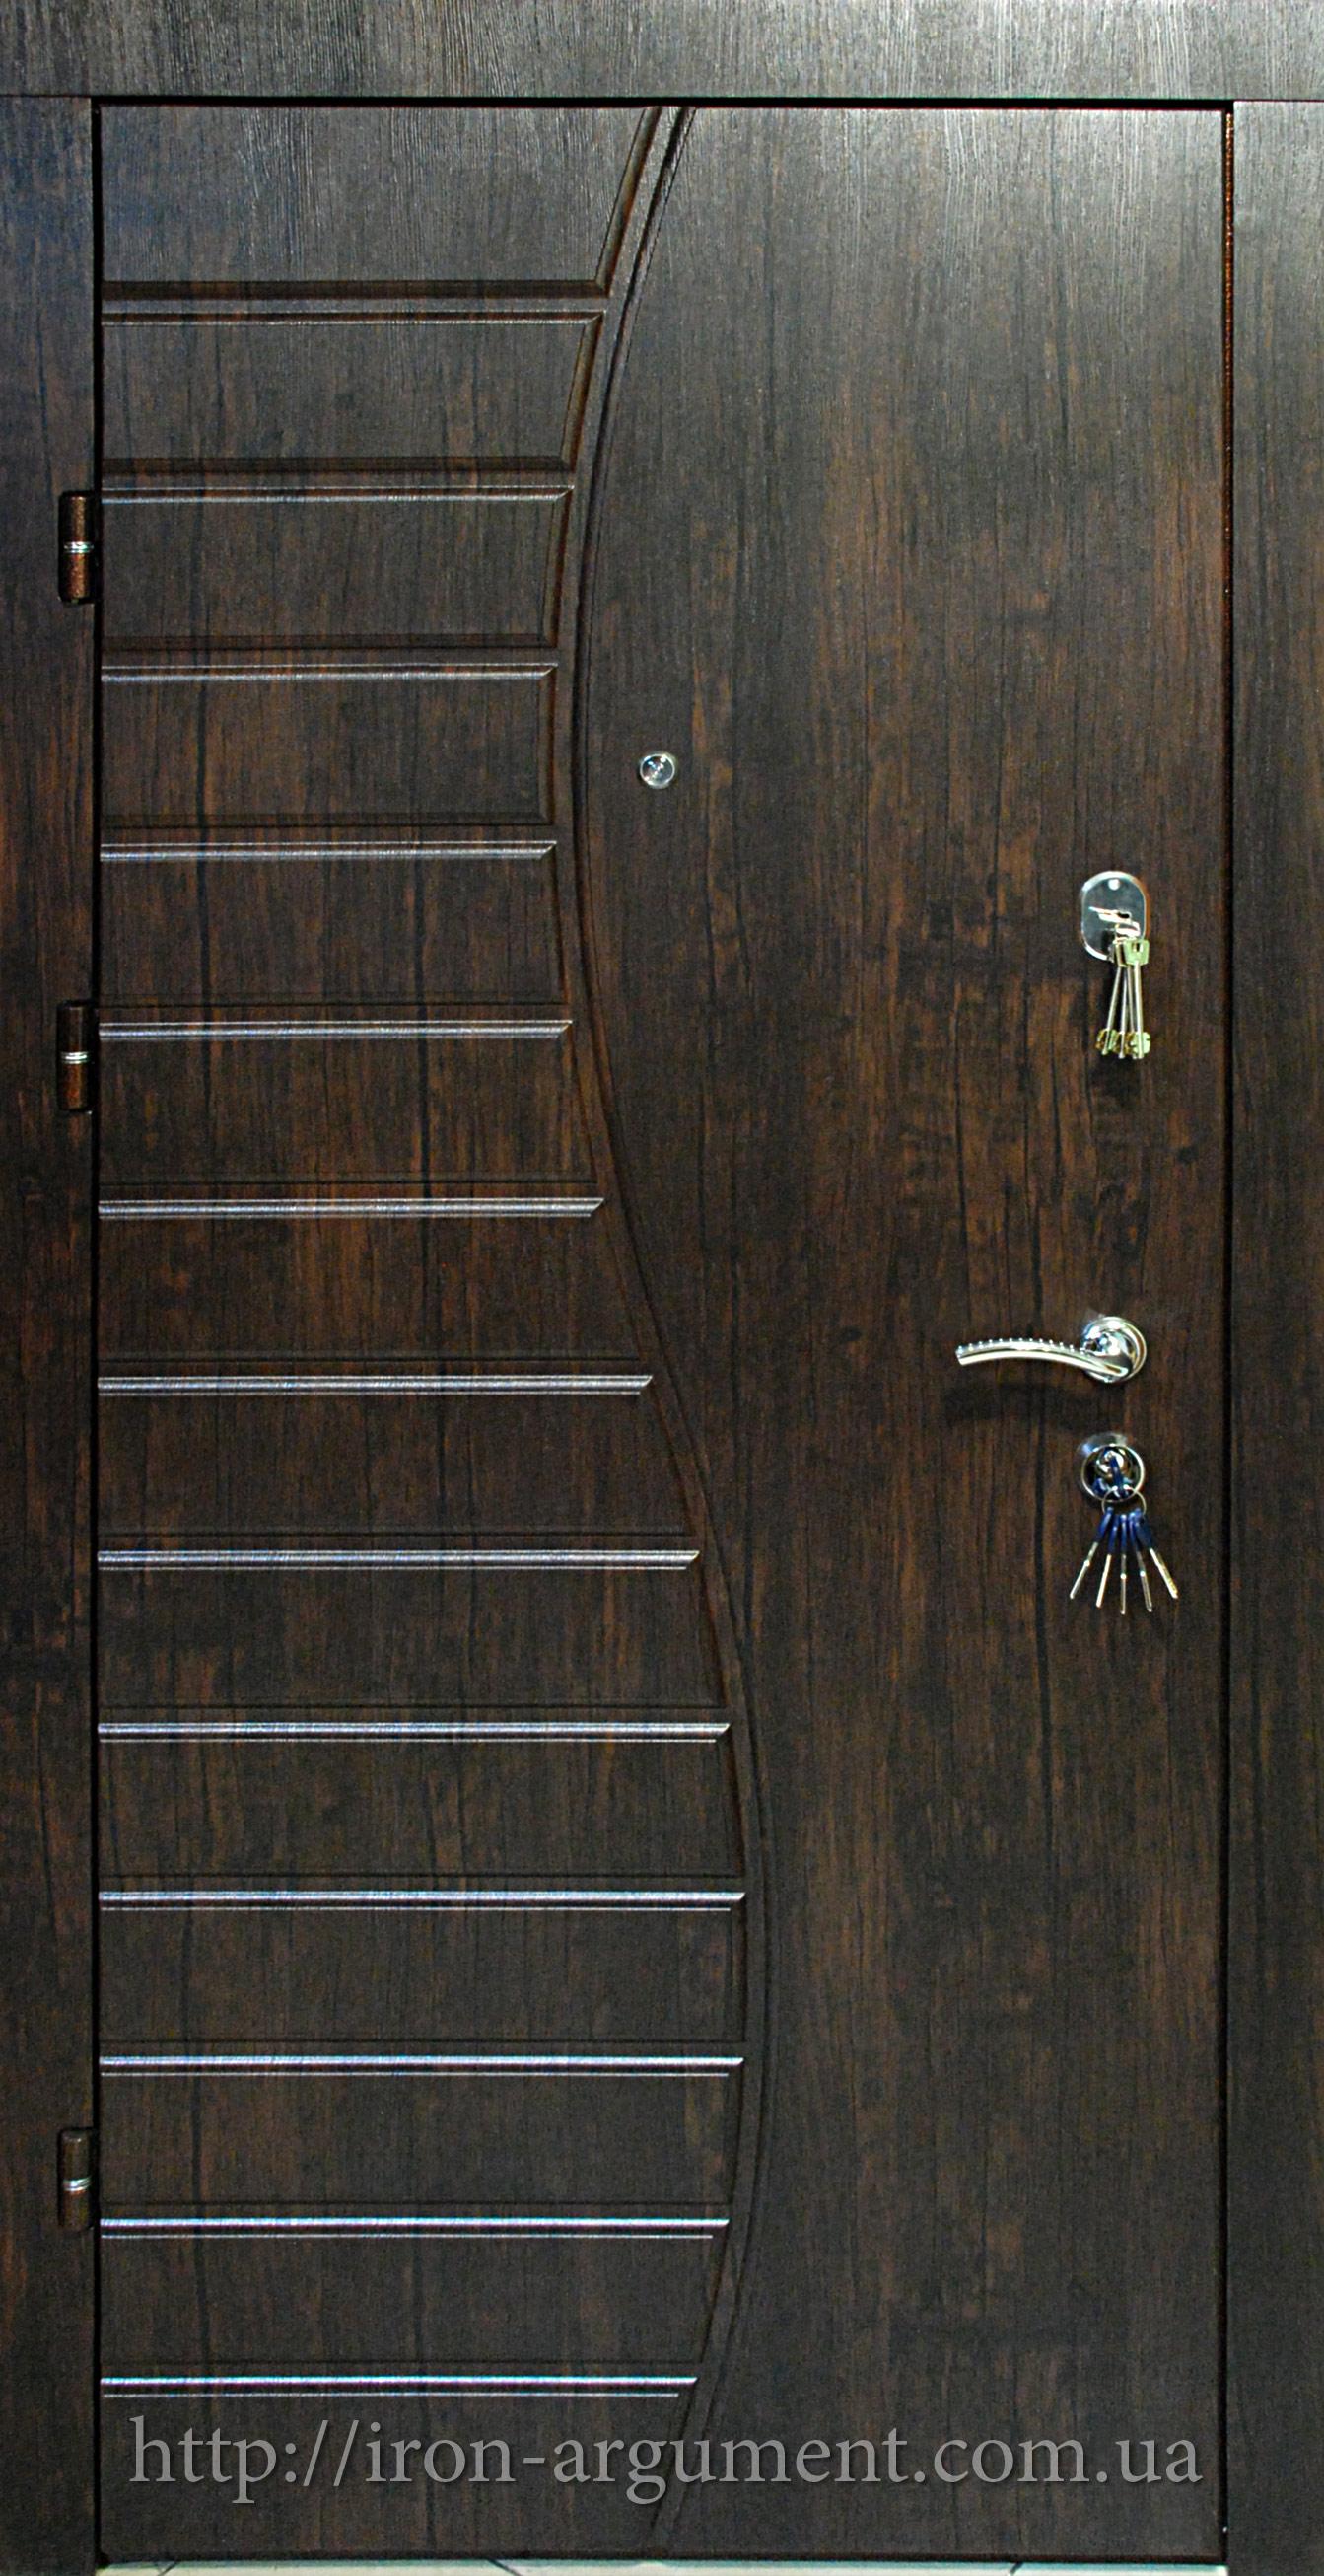 заказать в тамбур дверь металлическая